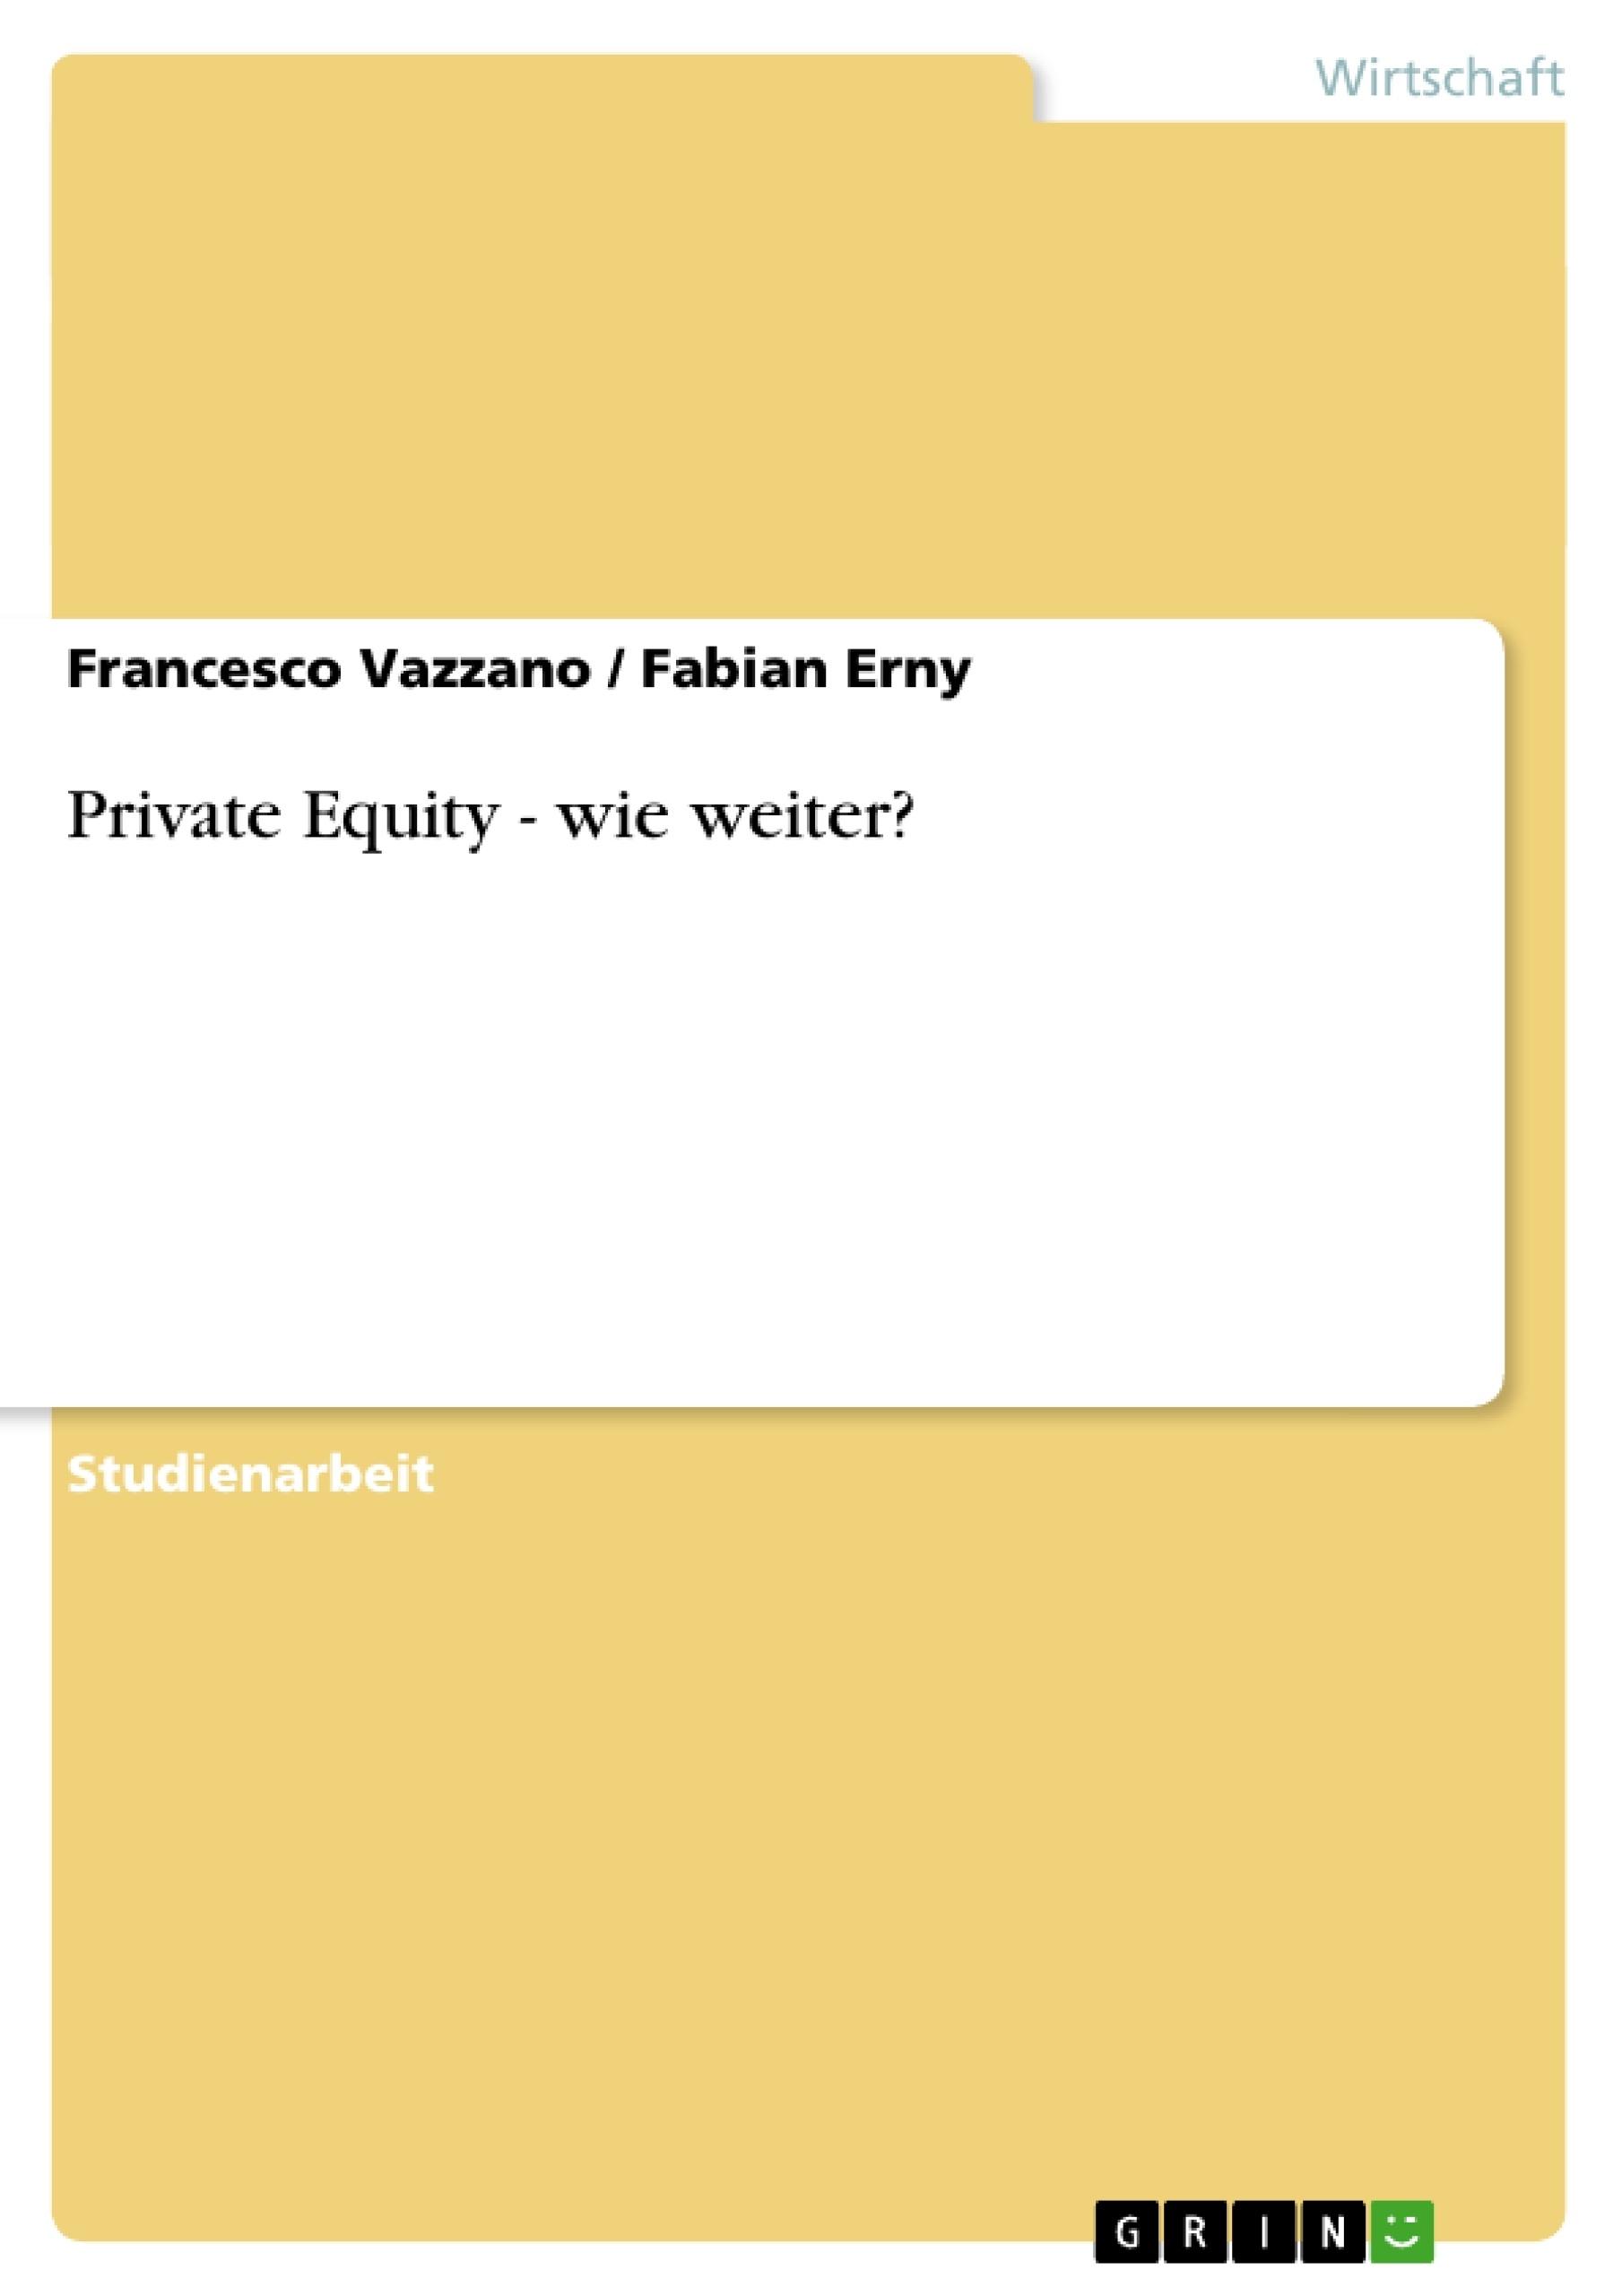 Titel: Private Equity - wie weiter?